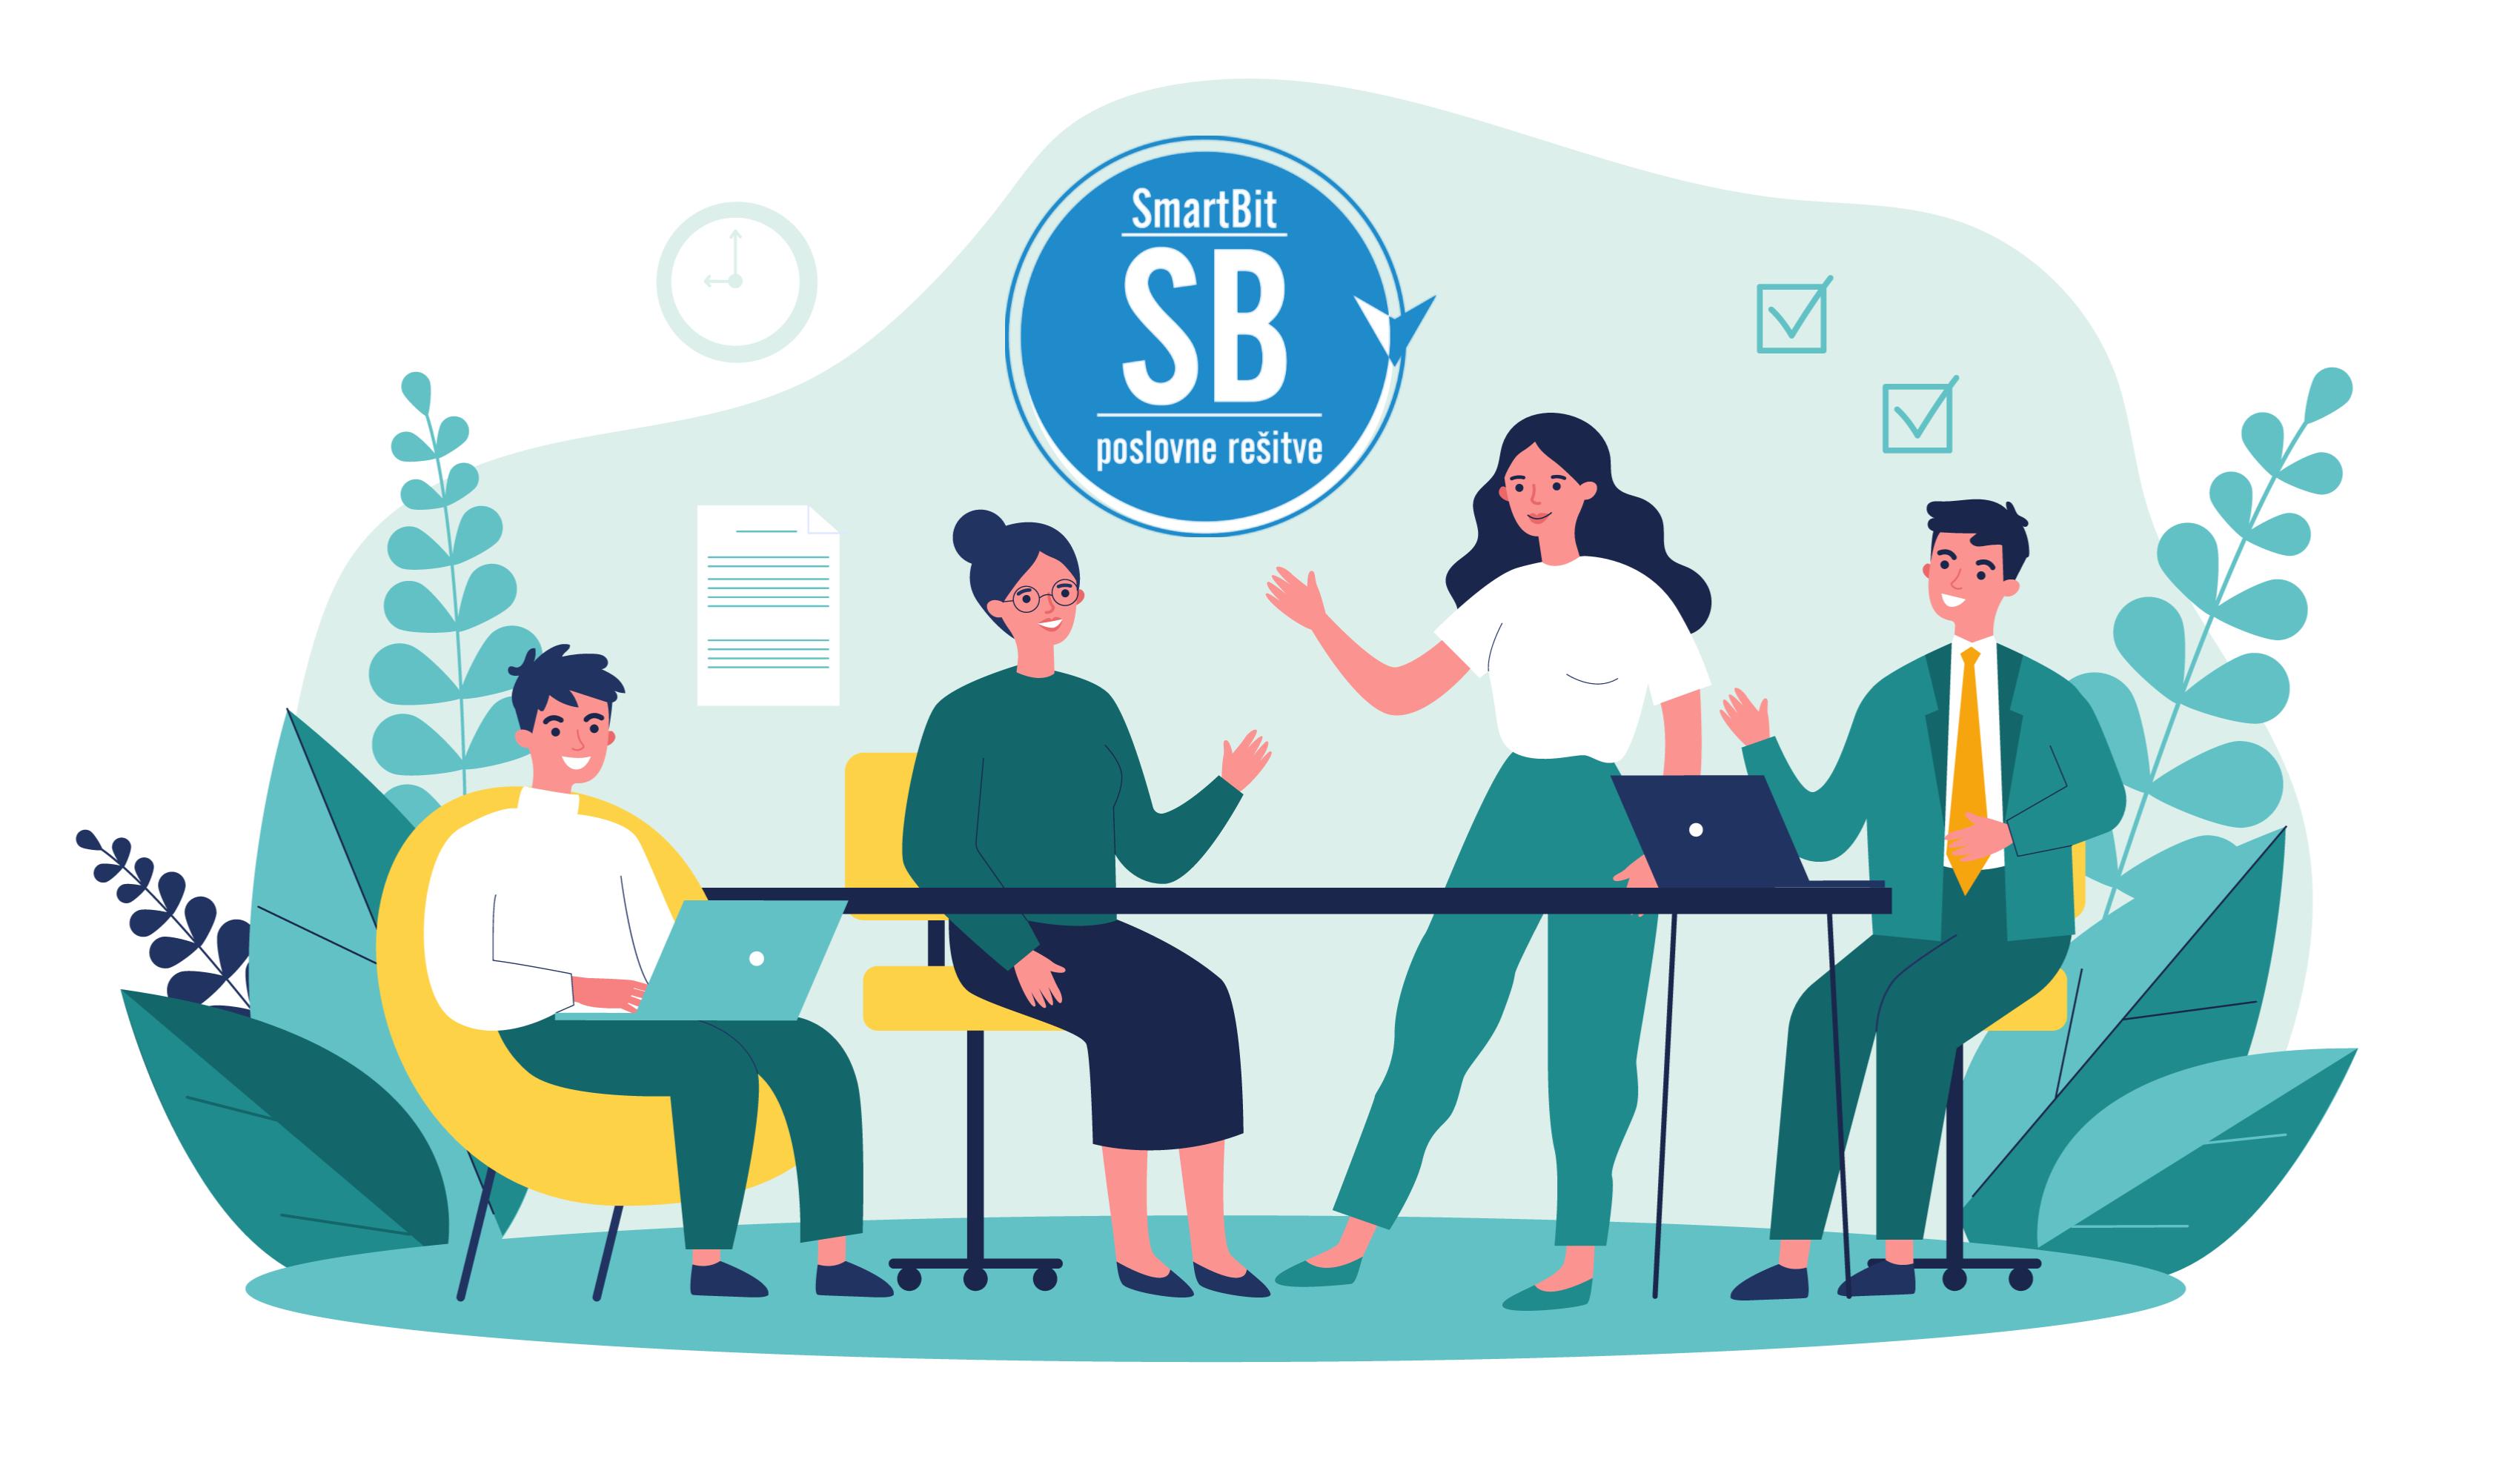 Smartbit rešitve nepovratna sredstva, kompetence in strategije